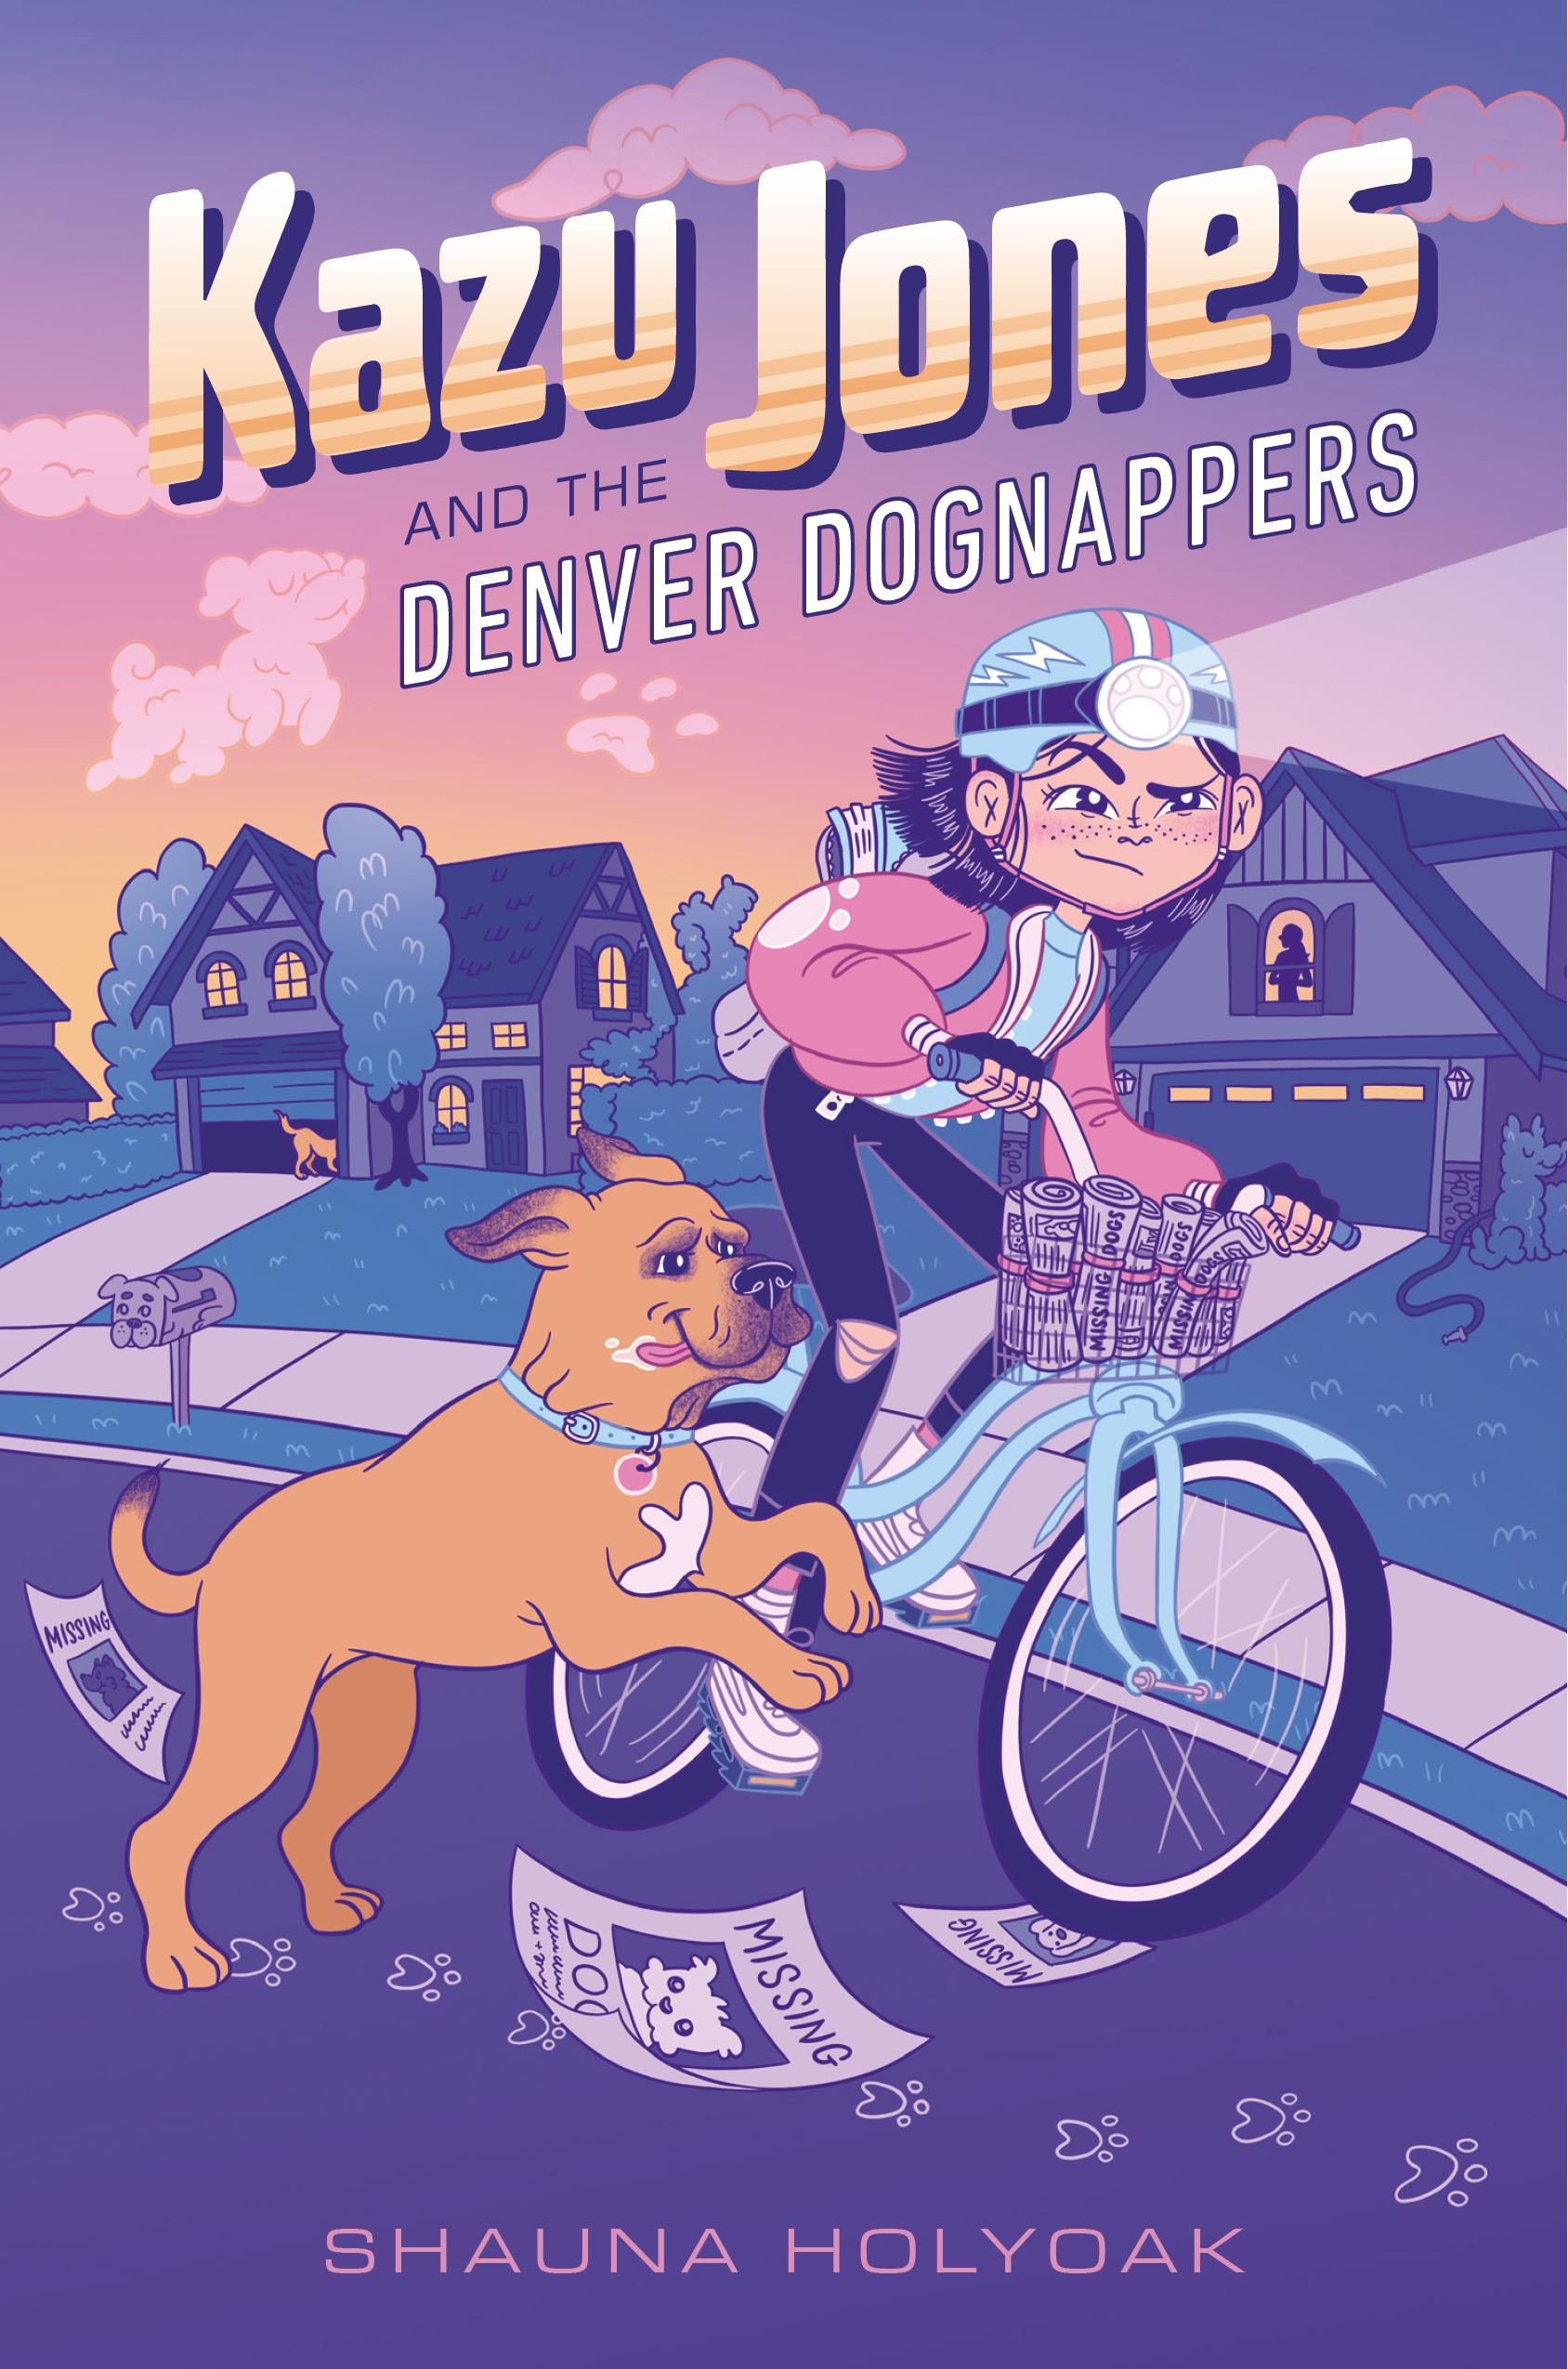 KazuJones_DenverDognappers_Cover.jpg